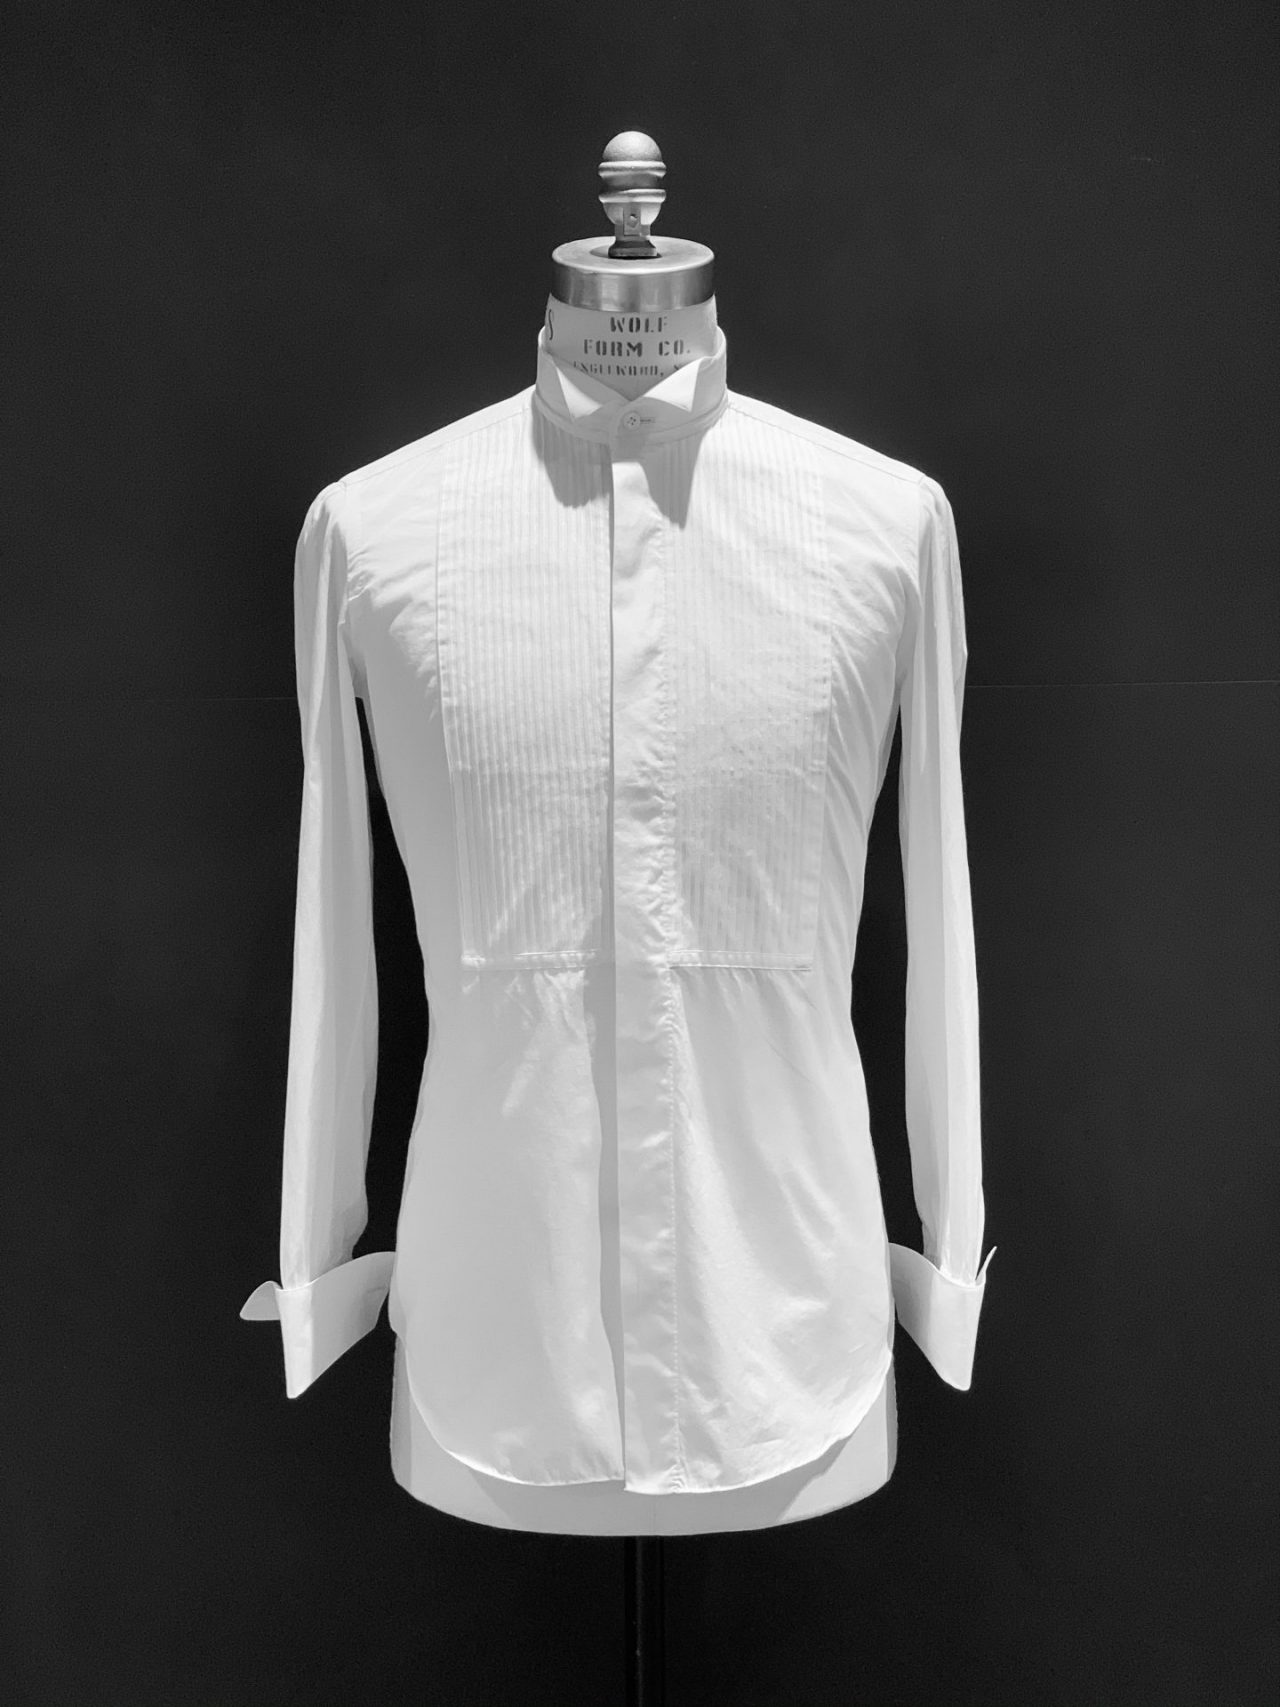 ザ・トリート・ドレッシングでお取り扱いするオランダブランド、ハンドレッドハンズ(100HANDS)は職人の100手の工程を通り、124名の職人が裁断から全てハンドで生産するオランダ製の白のドレスシャツです。